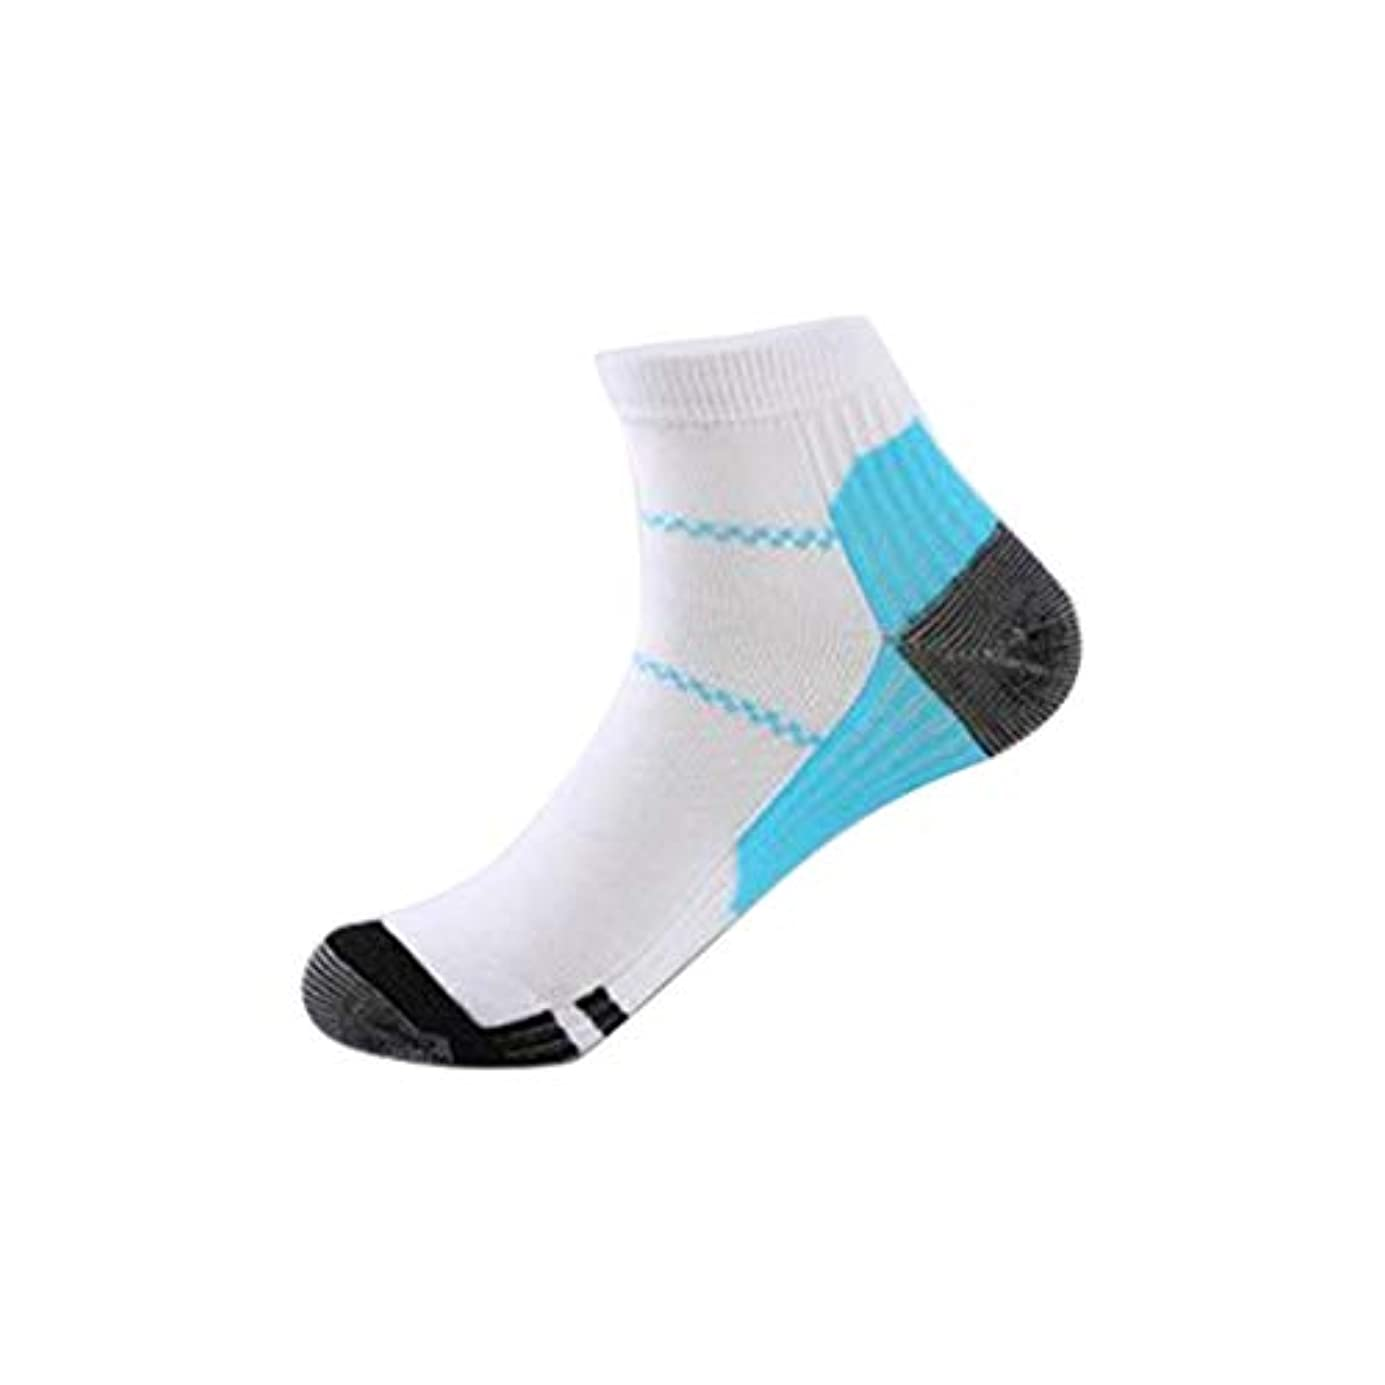 ピース不快ふくろう快適な男性女性ファッション短いストレッチ圧縮靴下膝ソックスサポートストレッチ通気性ソックス - ホワイト&ブルーS/M